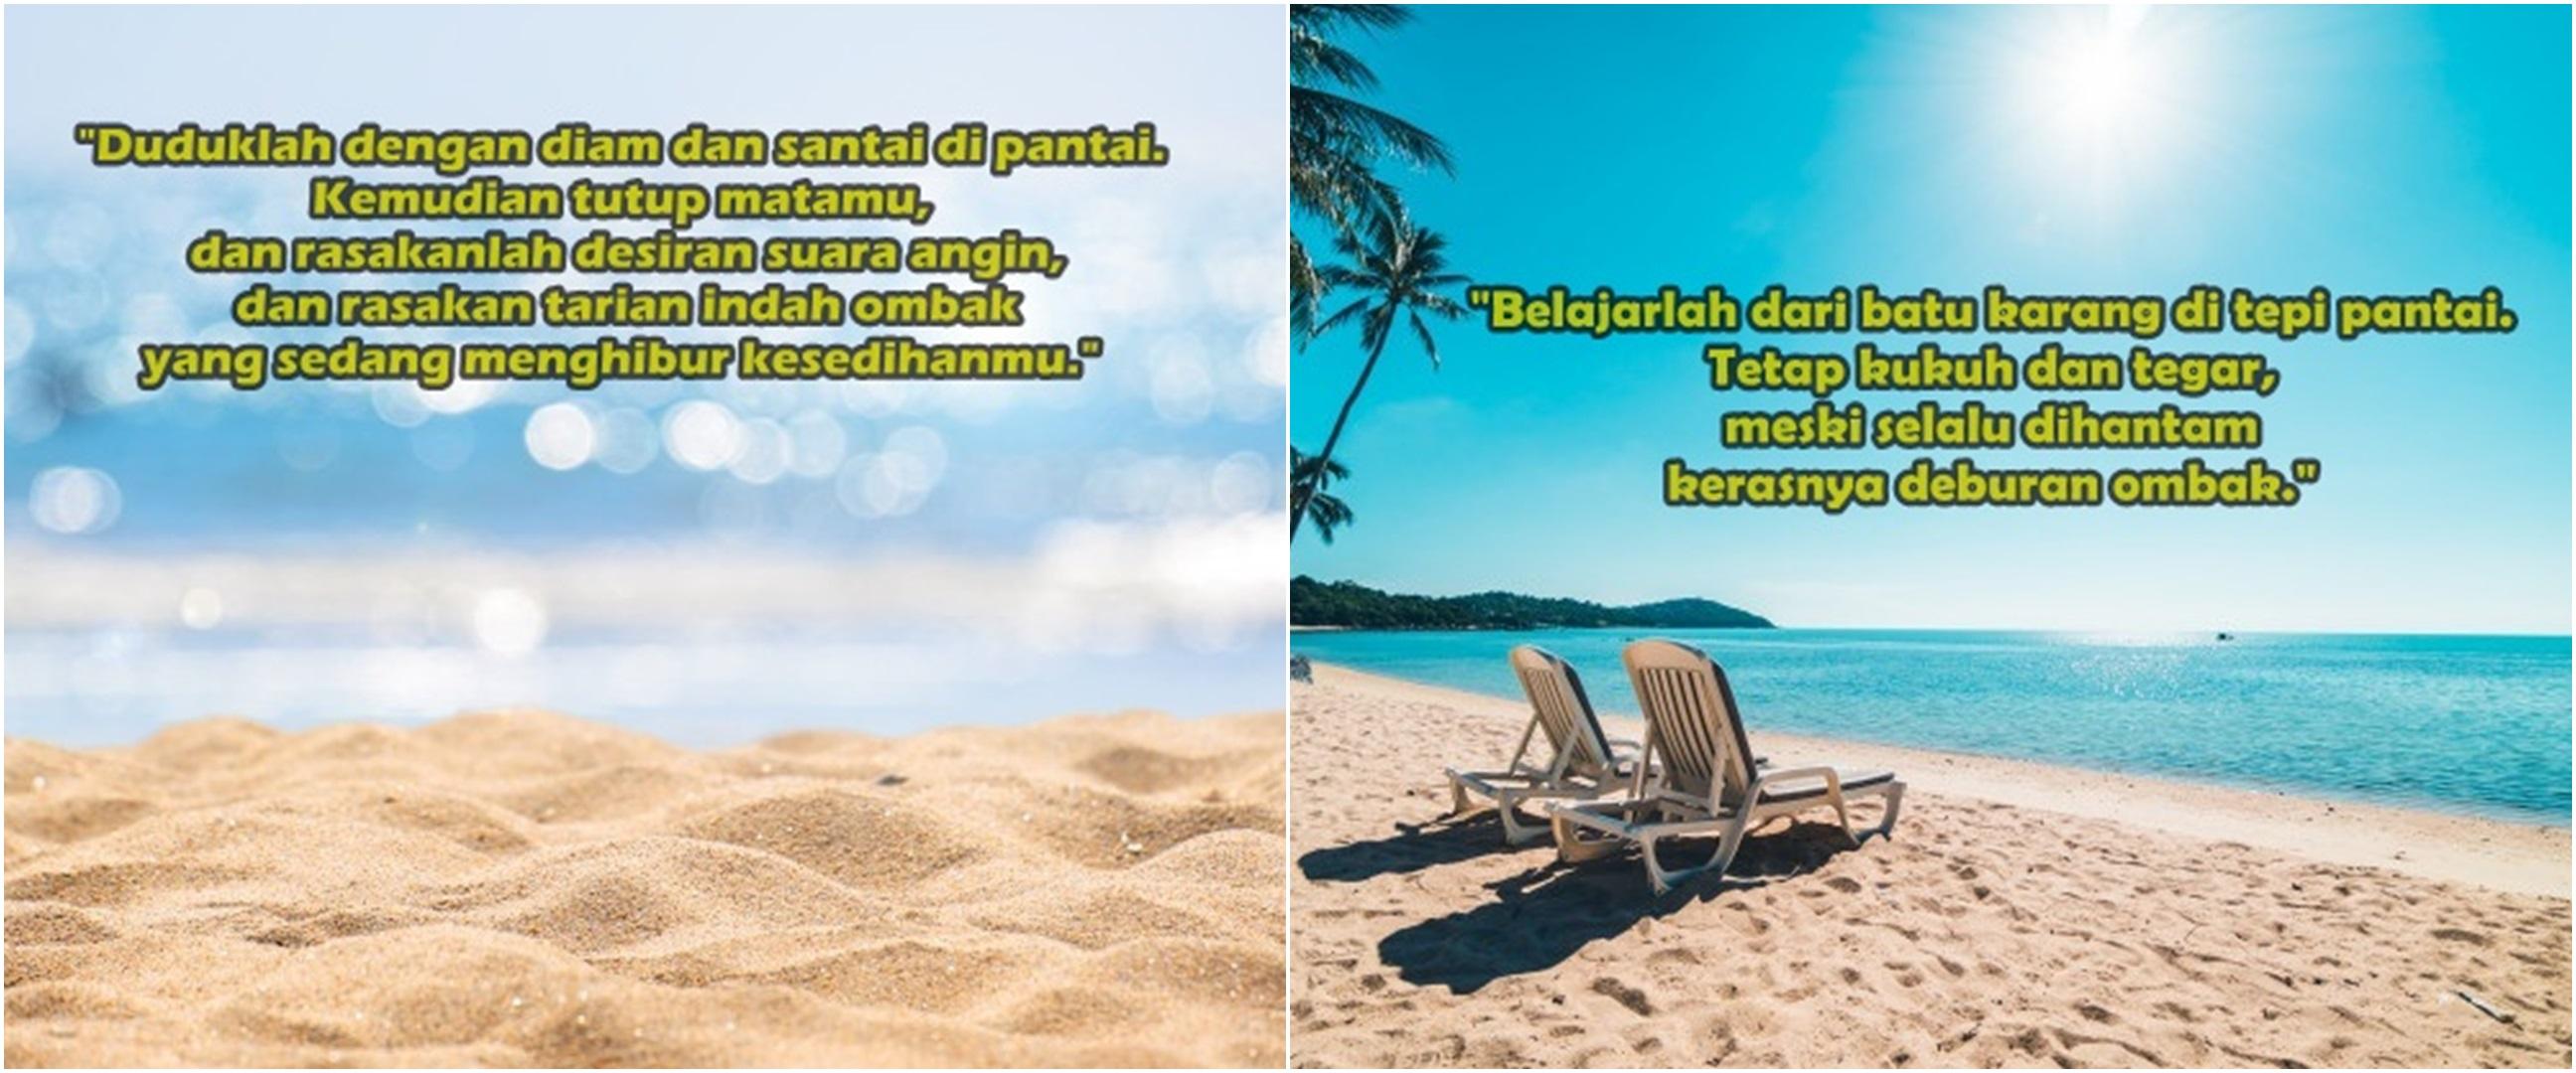 40 Kata-kata tentang pemandangan pantai, bisa jadi caption Instagram